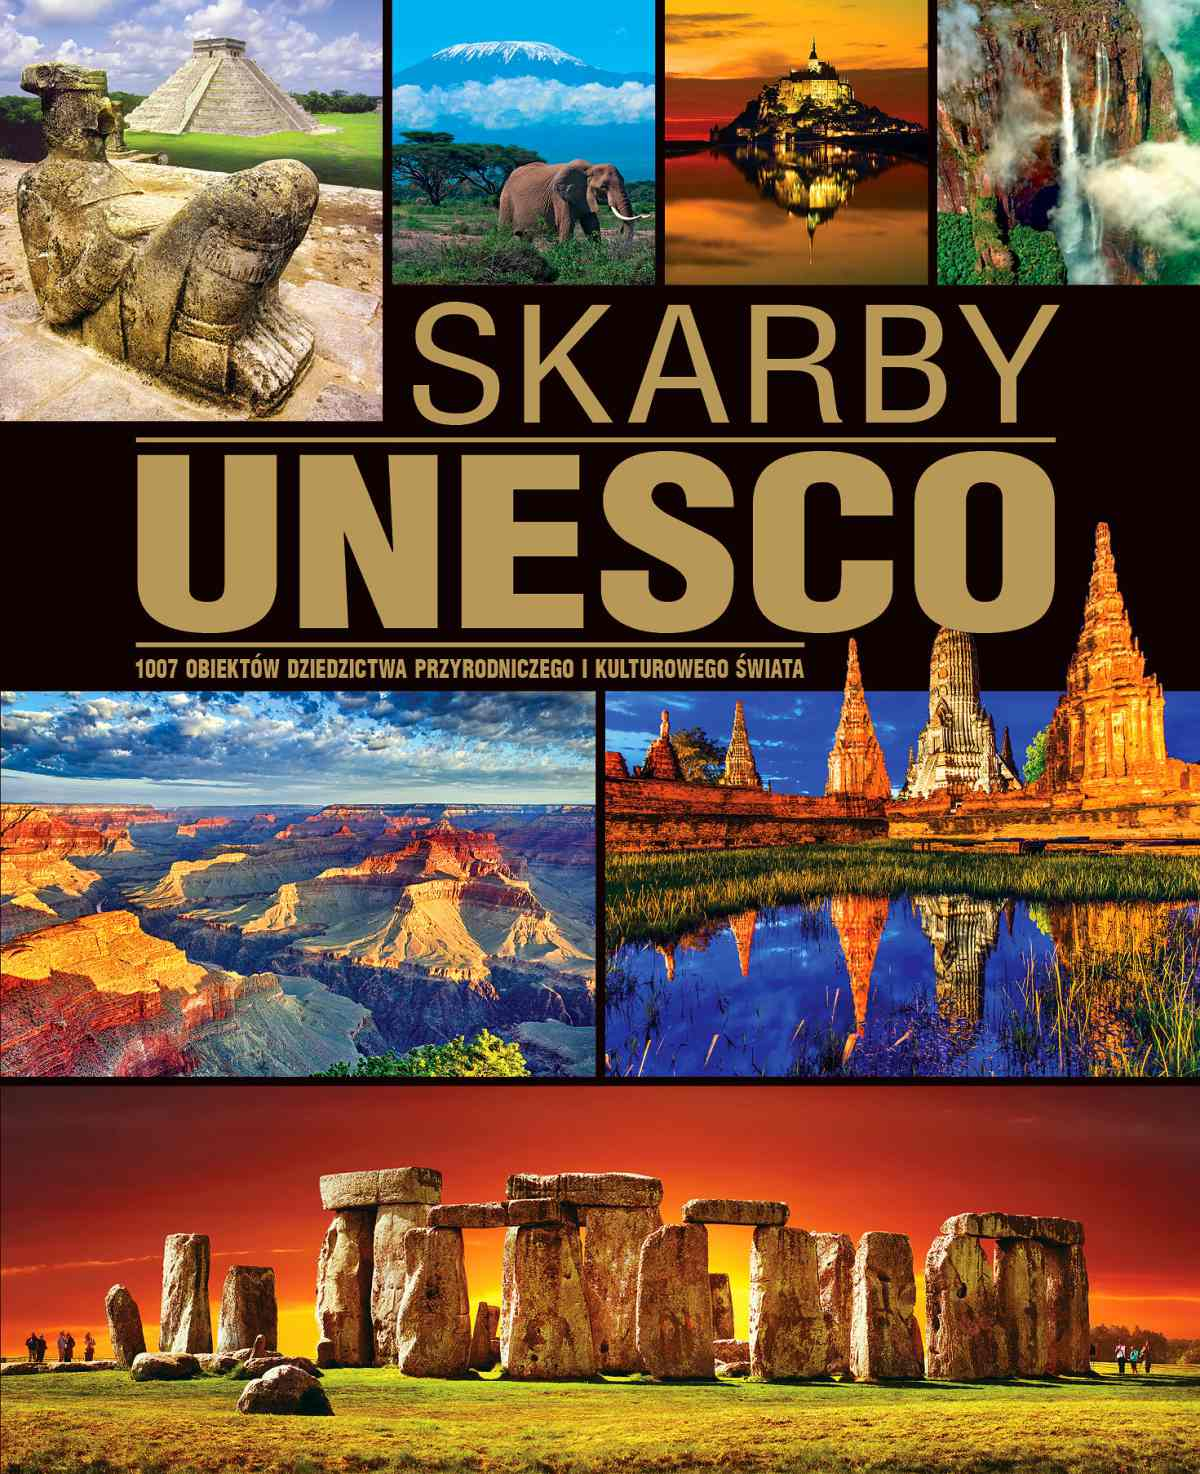 Skarby UNESCO. Wydanie 2014 - Ebook (Książka PDF) do pobrania w formacie PDF